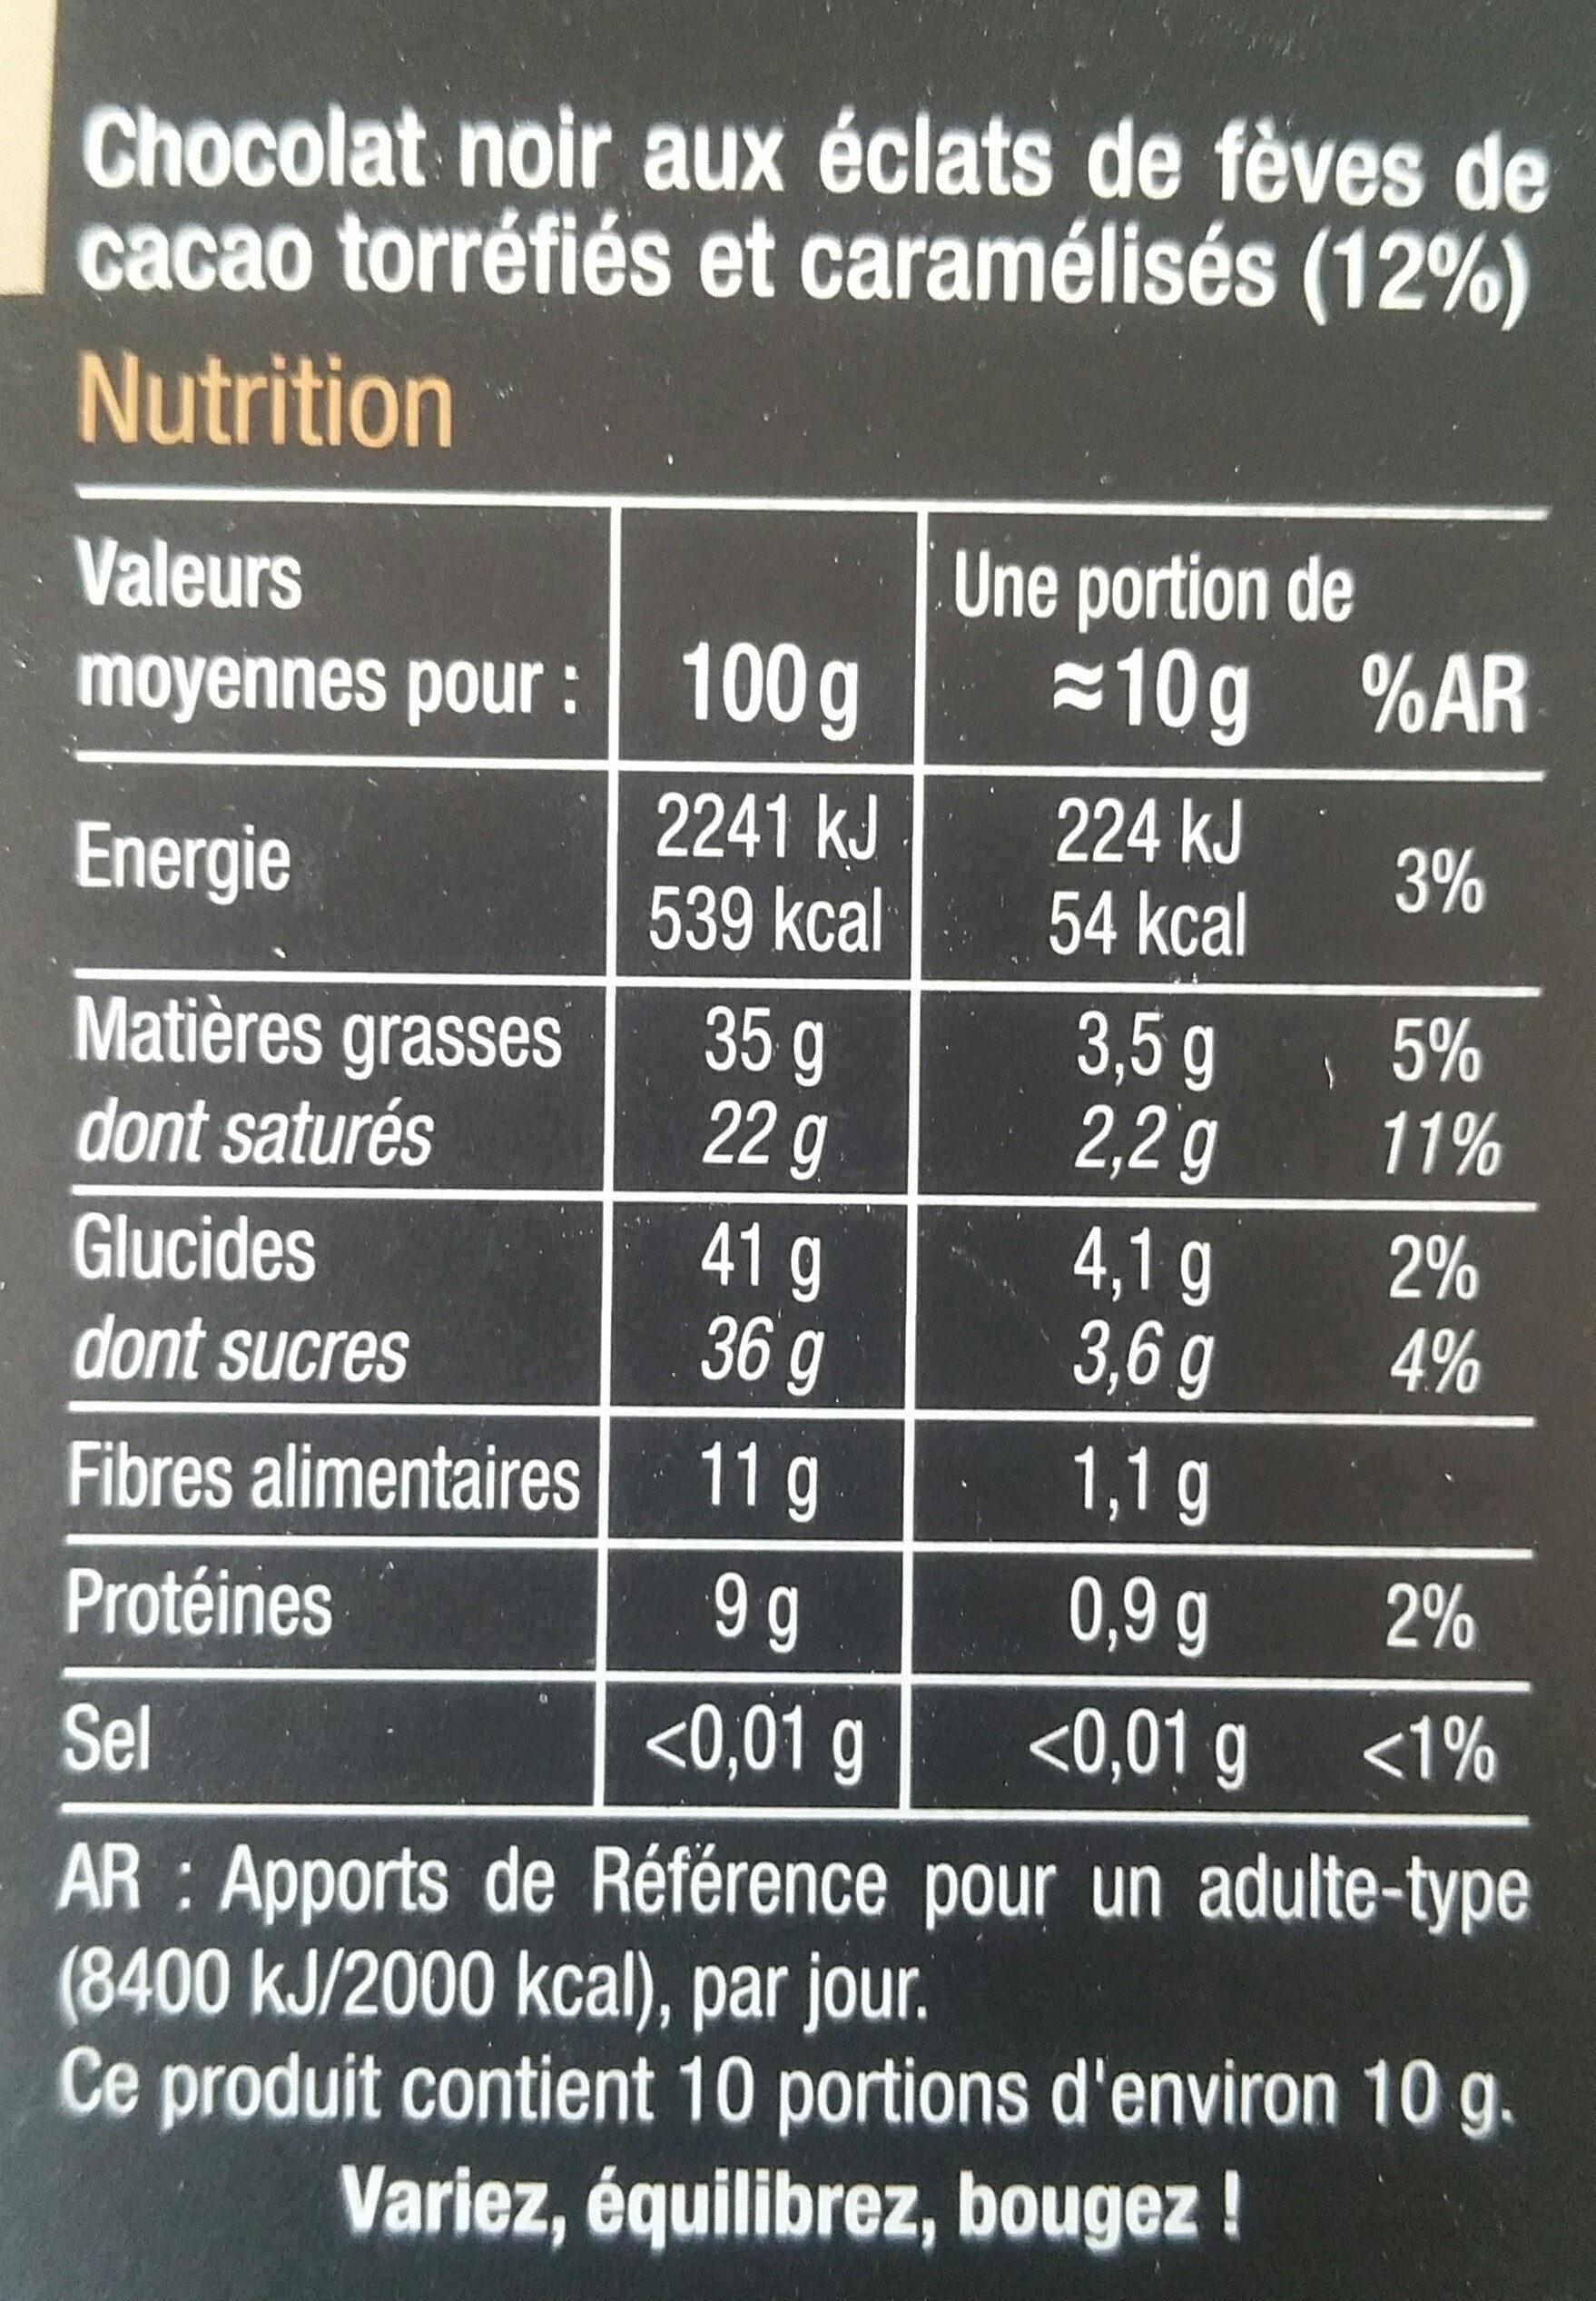 Noir éclats defèves de cacao - Informations nutritionnelles - fr